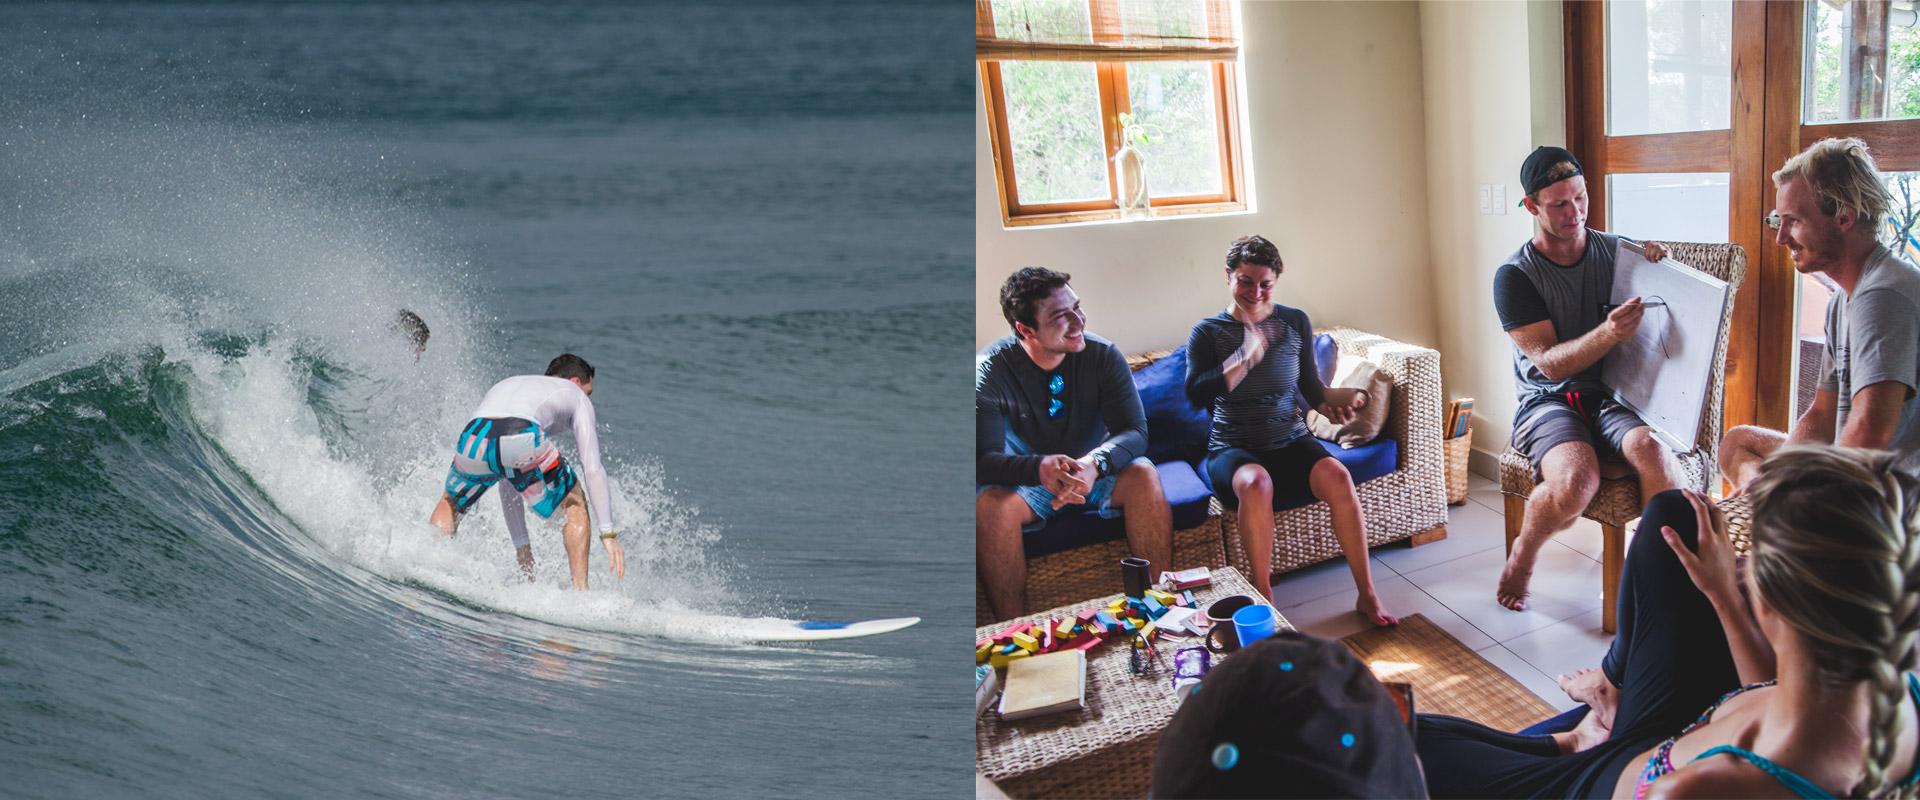 apprendre-a-surfer-au-nicaragua